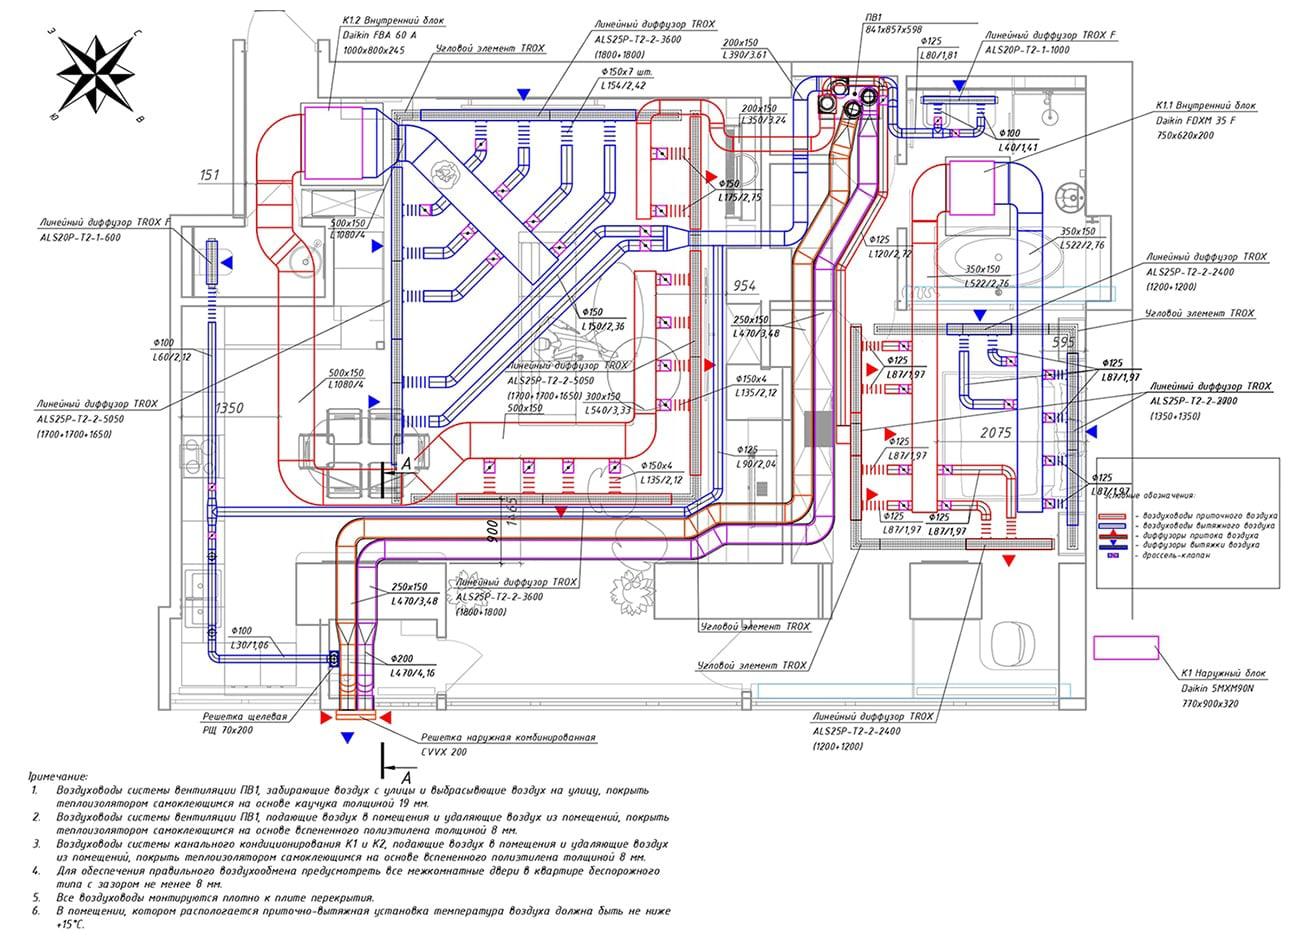 План квартири і розташування інженерних систем - вентиляції та кондиціонування